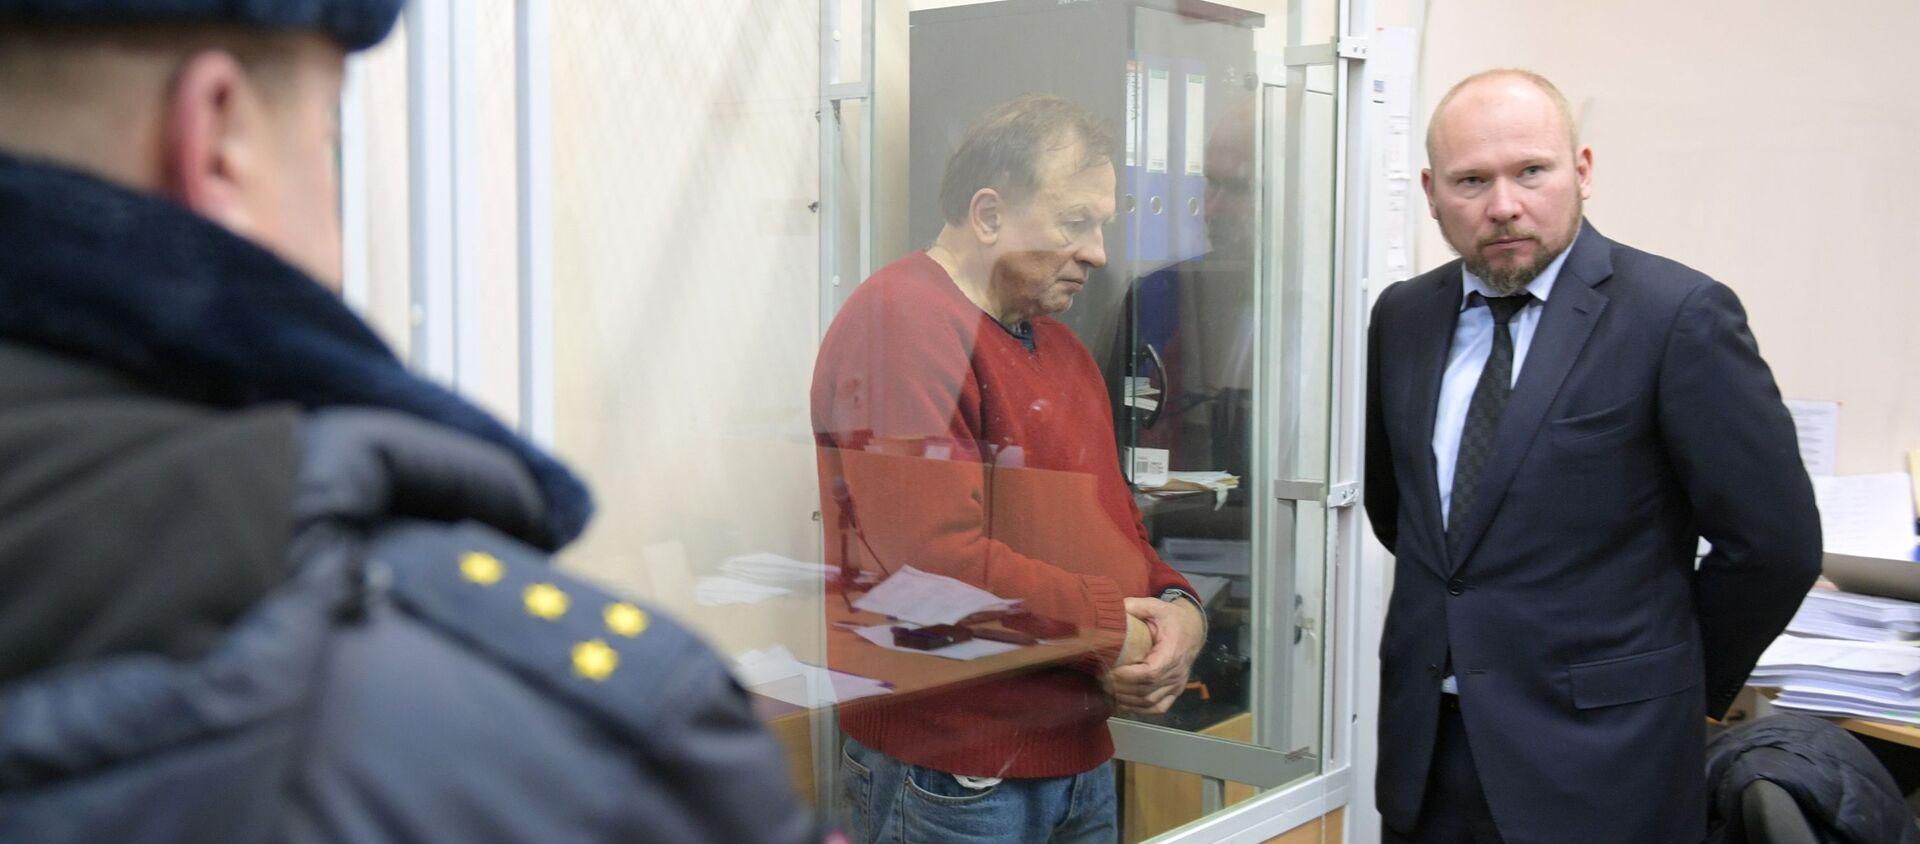 Oleg Sokolov, historiador acusado de asesinar a su pareja y estudiante - Sputnik Mundo, 1920, 12.10.2020